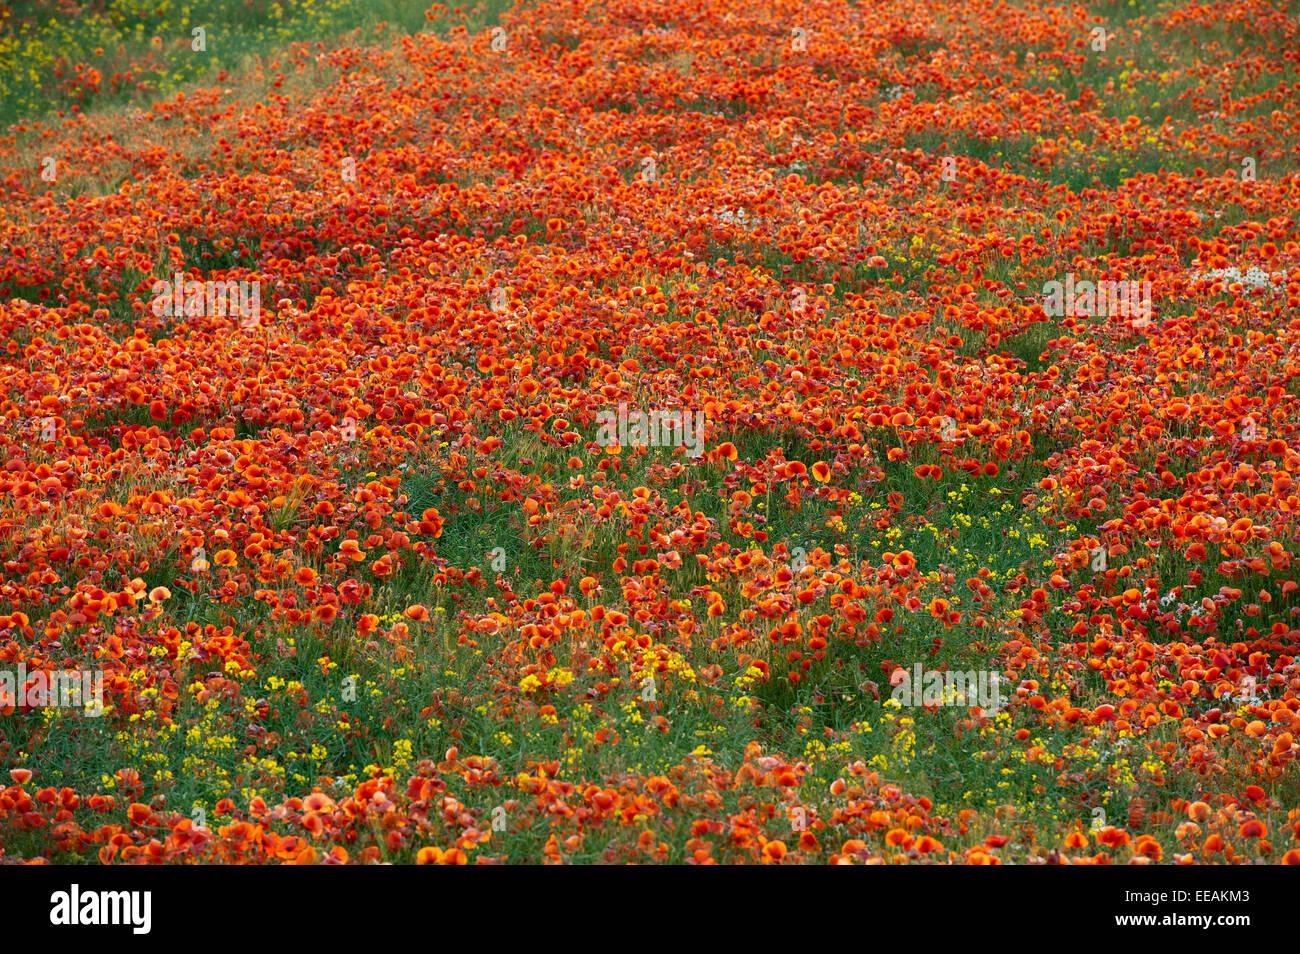 La amapola, Papaver rhoeas común, cubriendo un terreno cultivable. North Yorkshire, Reino Unido. Imagen De Stock